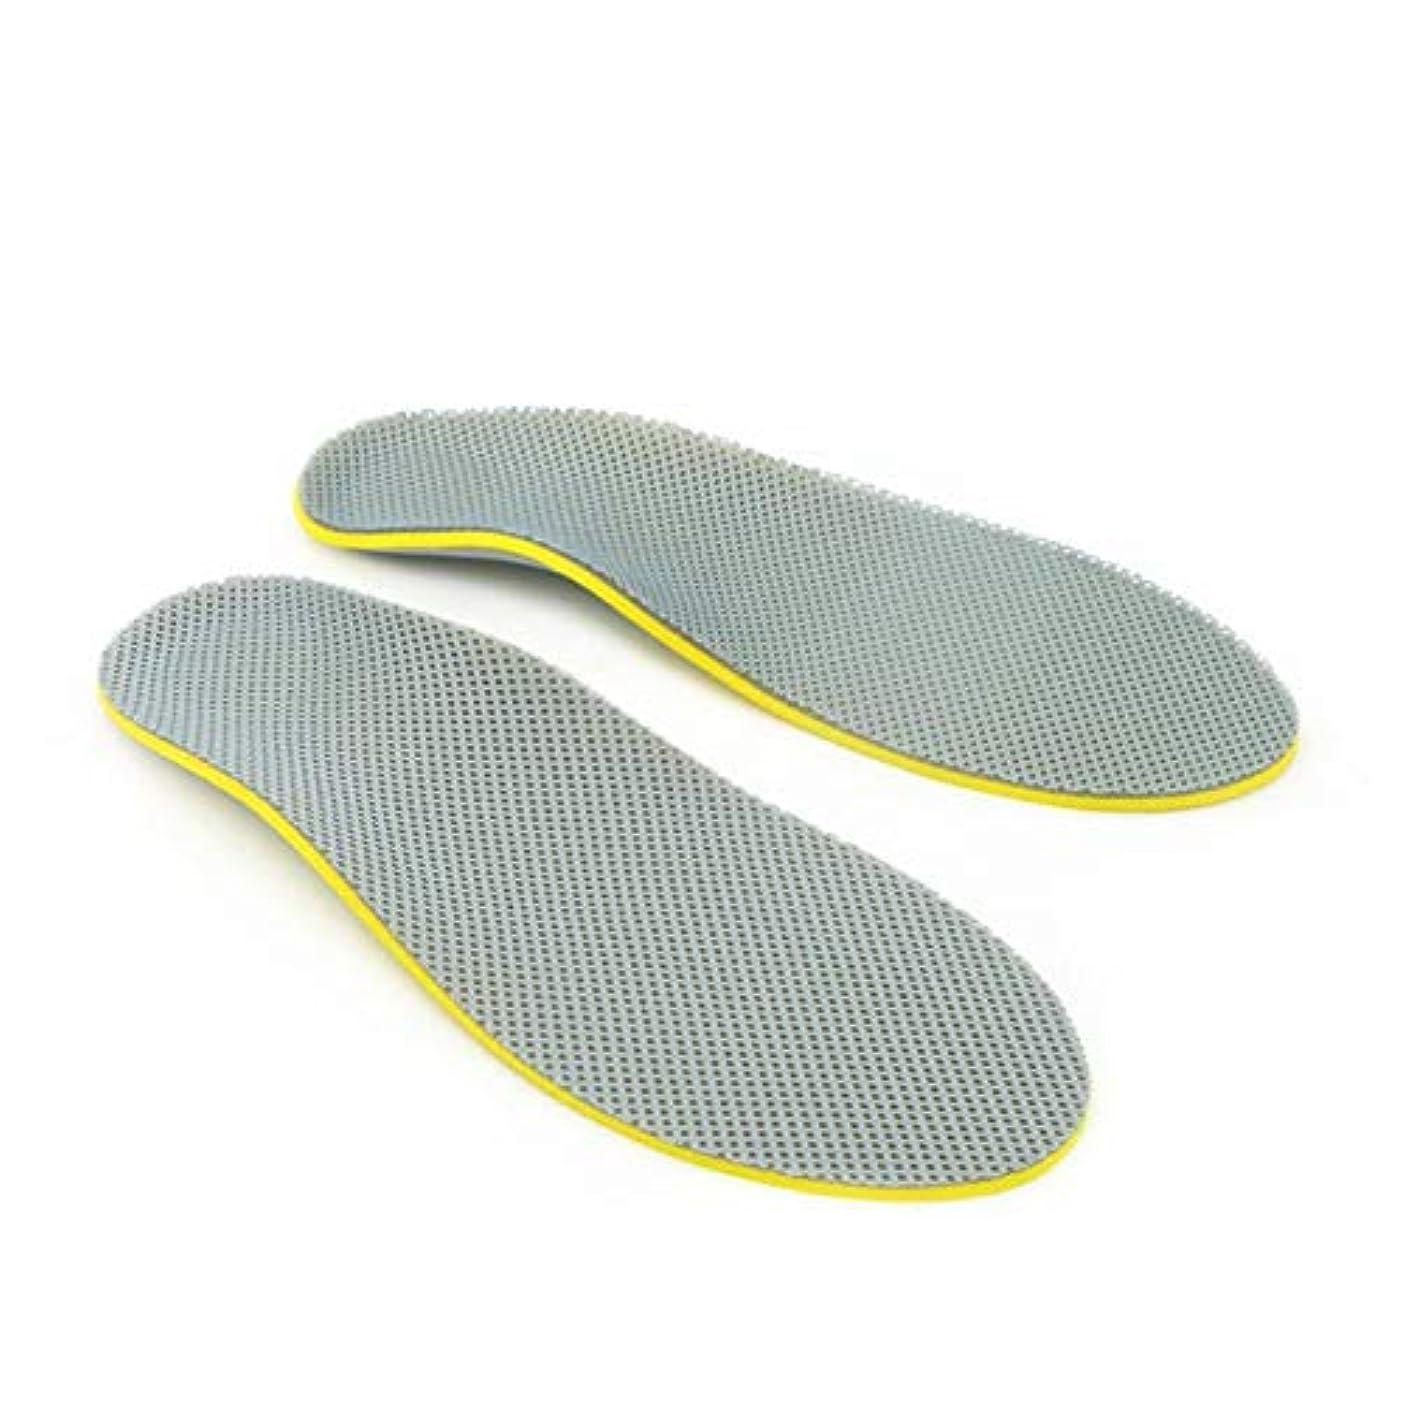 機関車ムスタチオ反対したDeeploveUU 超軽量整形外科靴インソール矯正用中敷通気性アンチショックアンチスウェットフラットフットシューズインソール全長